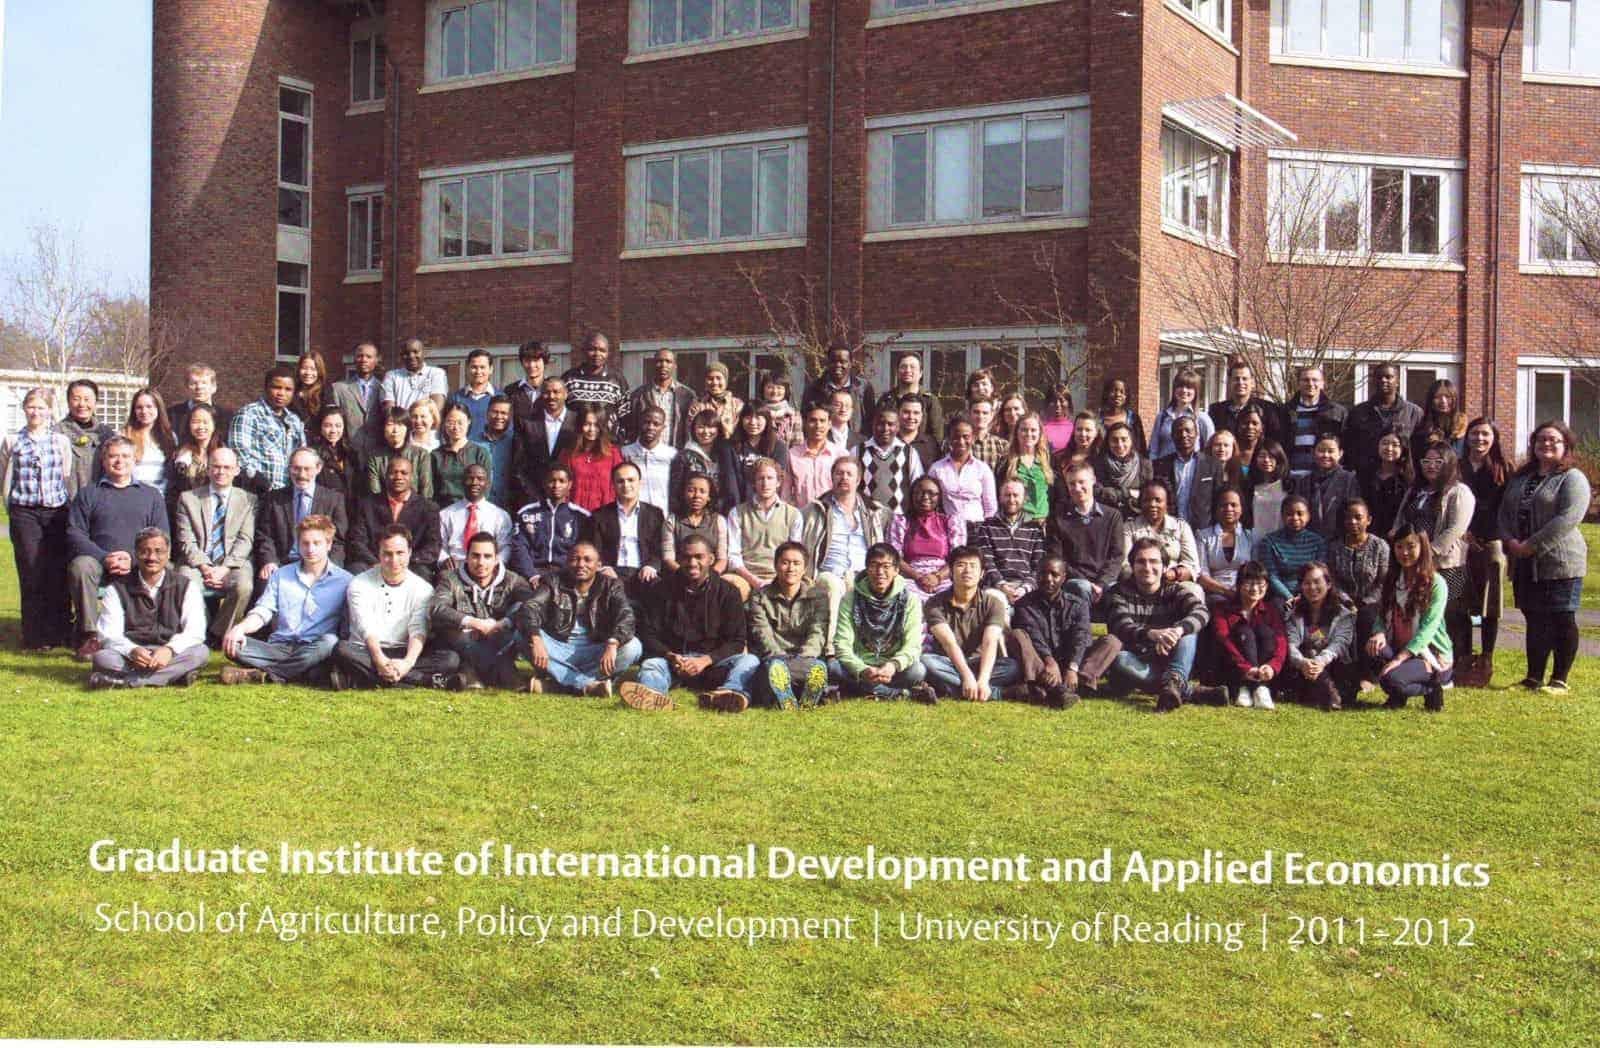 ภาพตอนเรียนจบ International Development and Applied Economics ที่ University of Reading